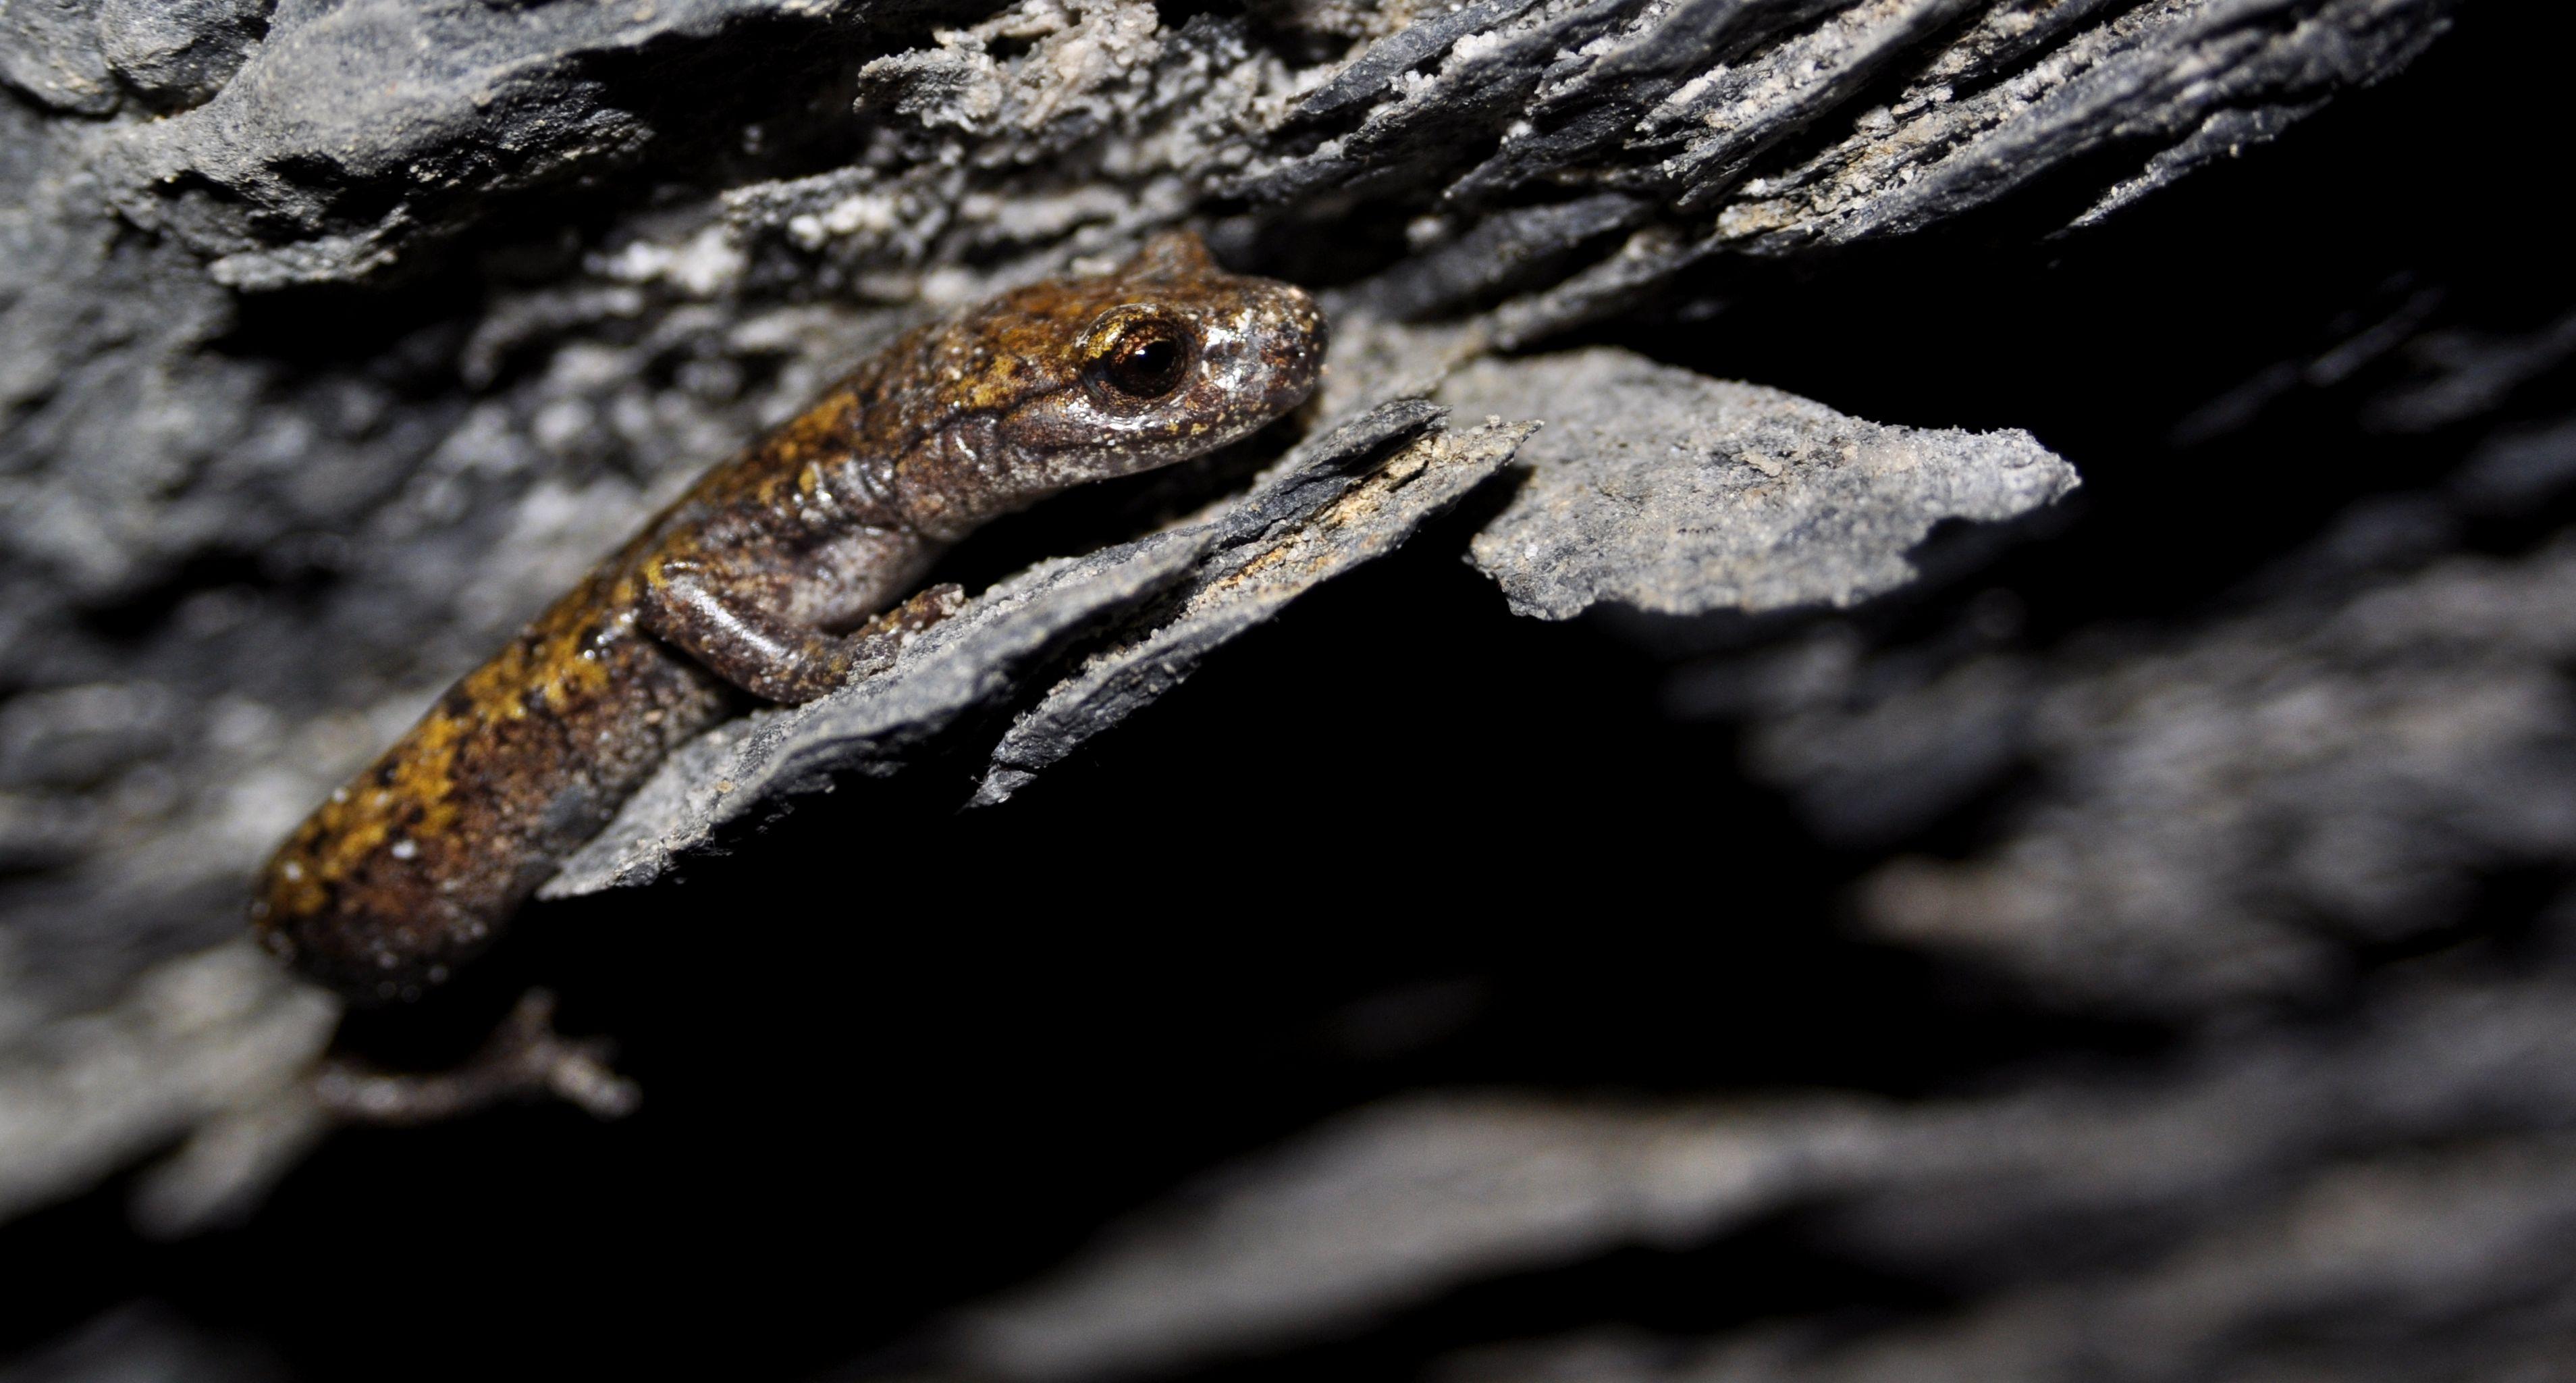 Hydromante de Strinati dans une cavité, La Brigue, Alpes-Maritimes